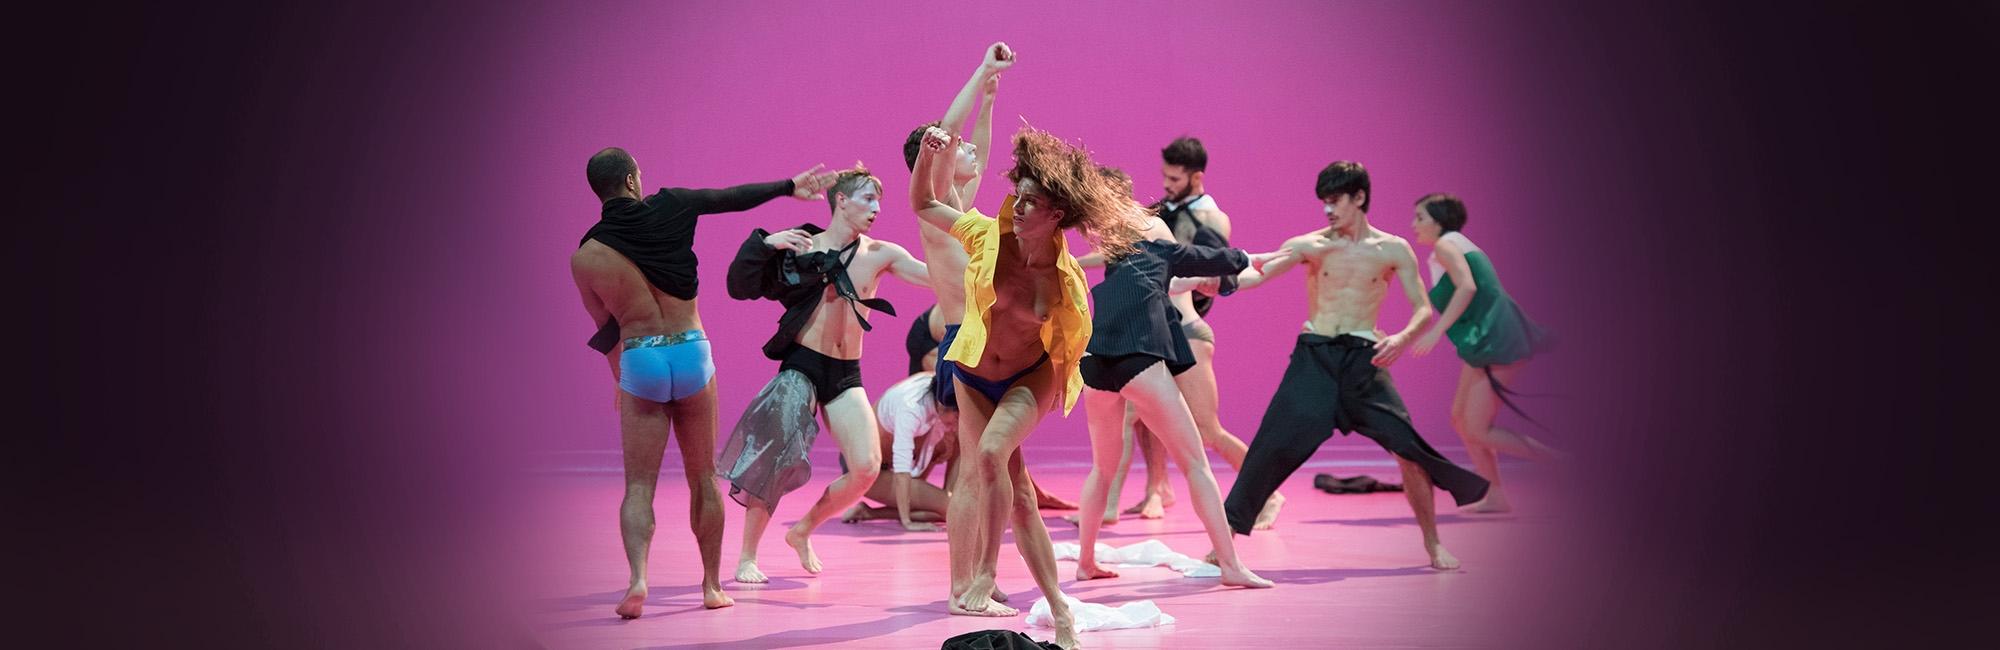 Maison de la Danse   Spectacle de danse - Sortir à Lyon 255e5ba3425